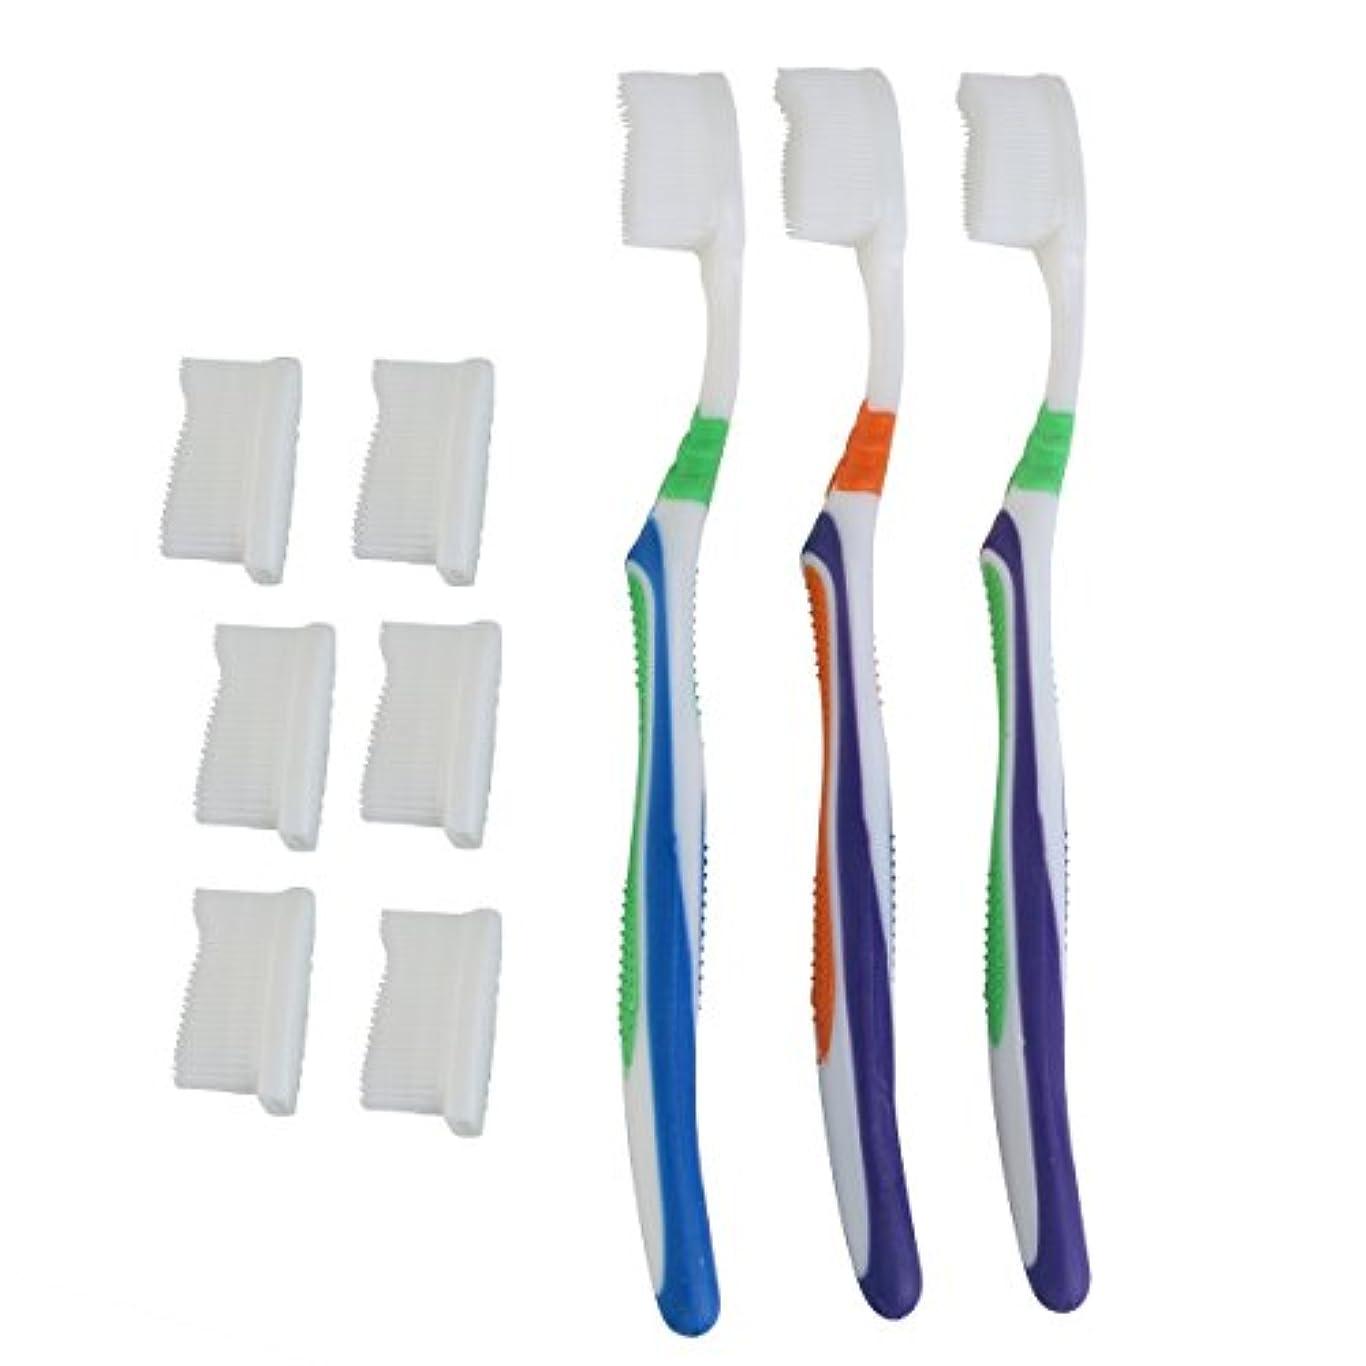 警告お風呂を持っている火傷TOPBATHY 子供と大人のための歯ブラシの頭の代わりとなる柔らかい歯ブラシ(ランダムカラー)